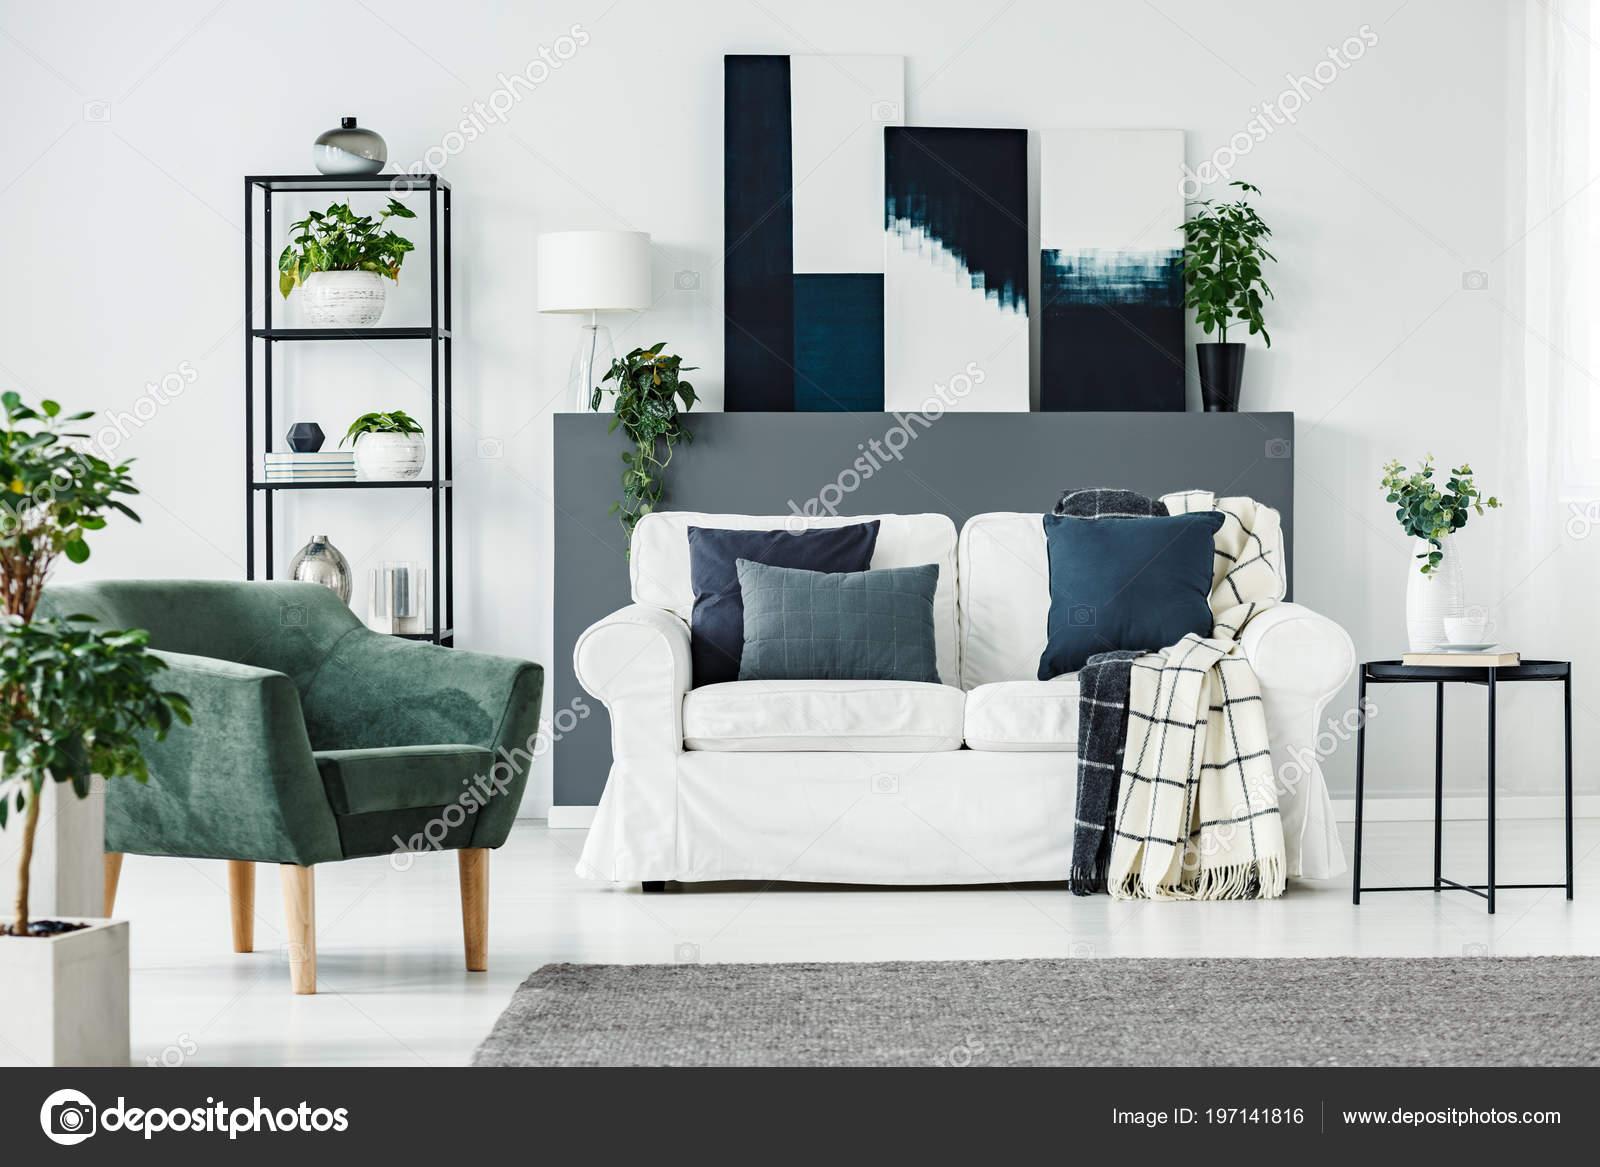 Groene fauteuil witte bank planten grijze muur een moderne